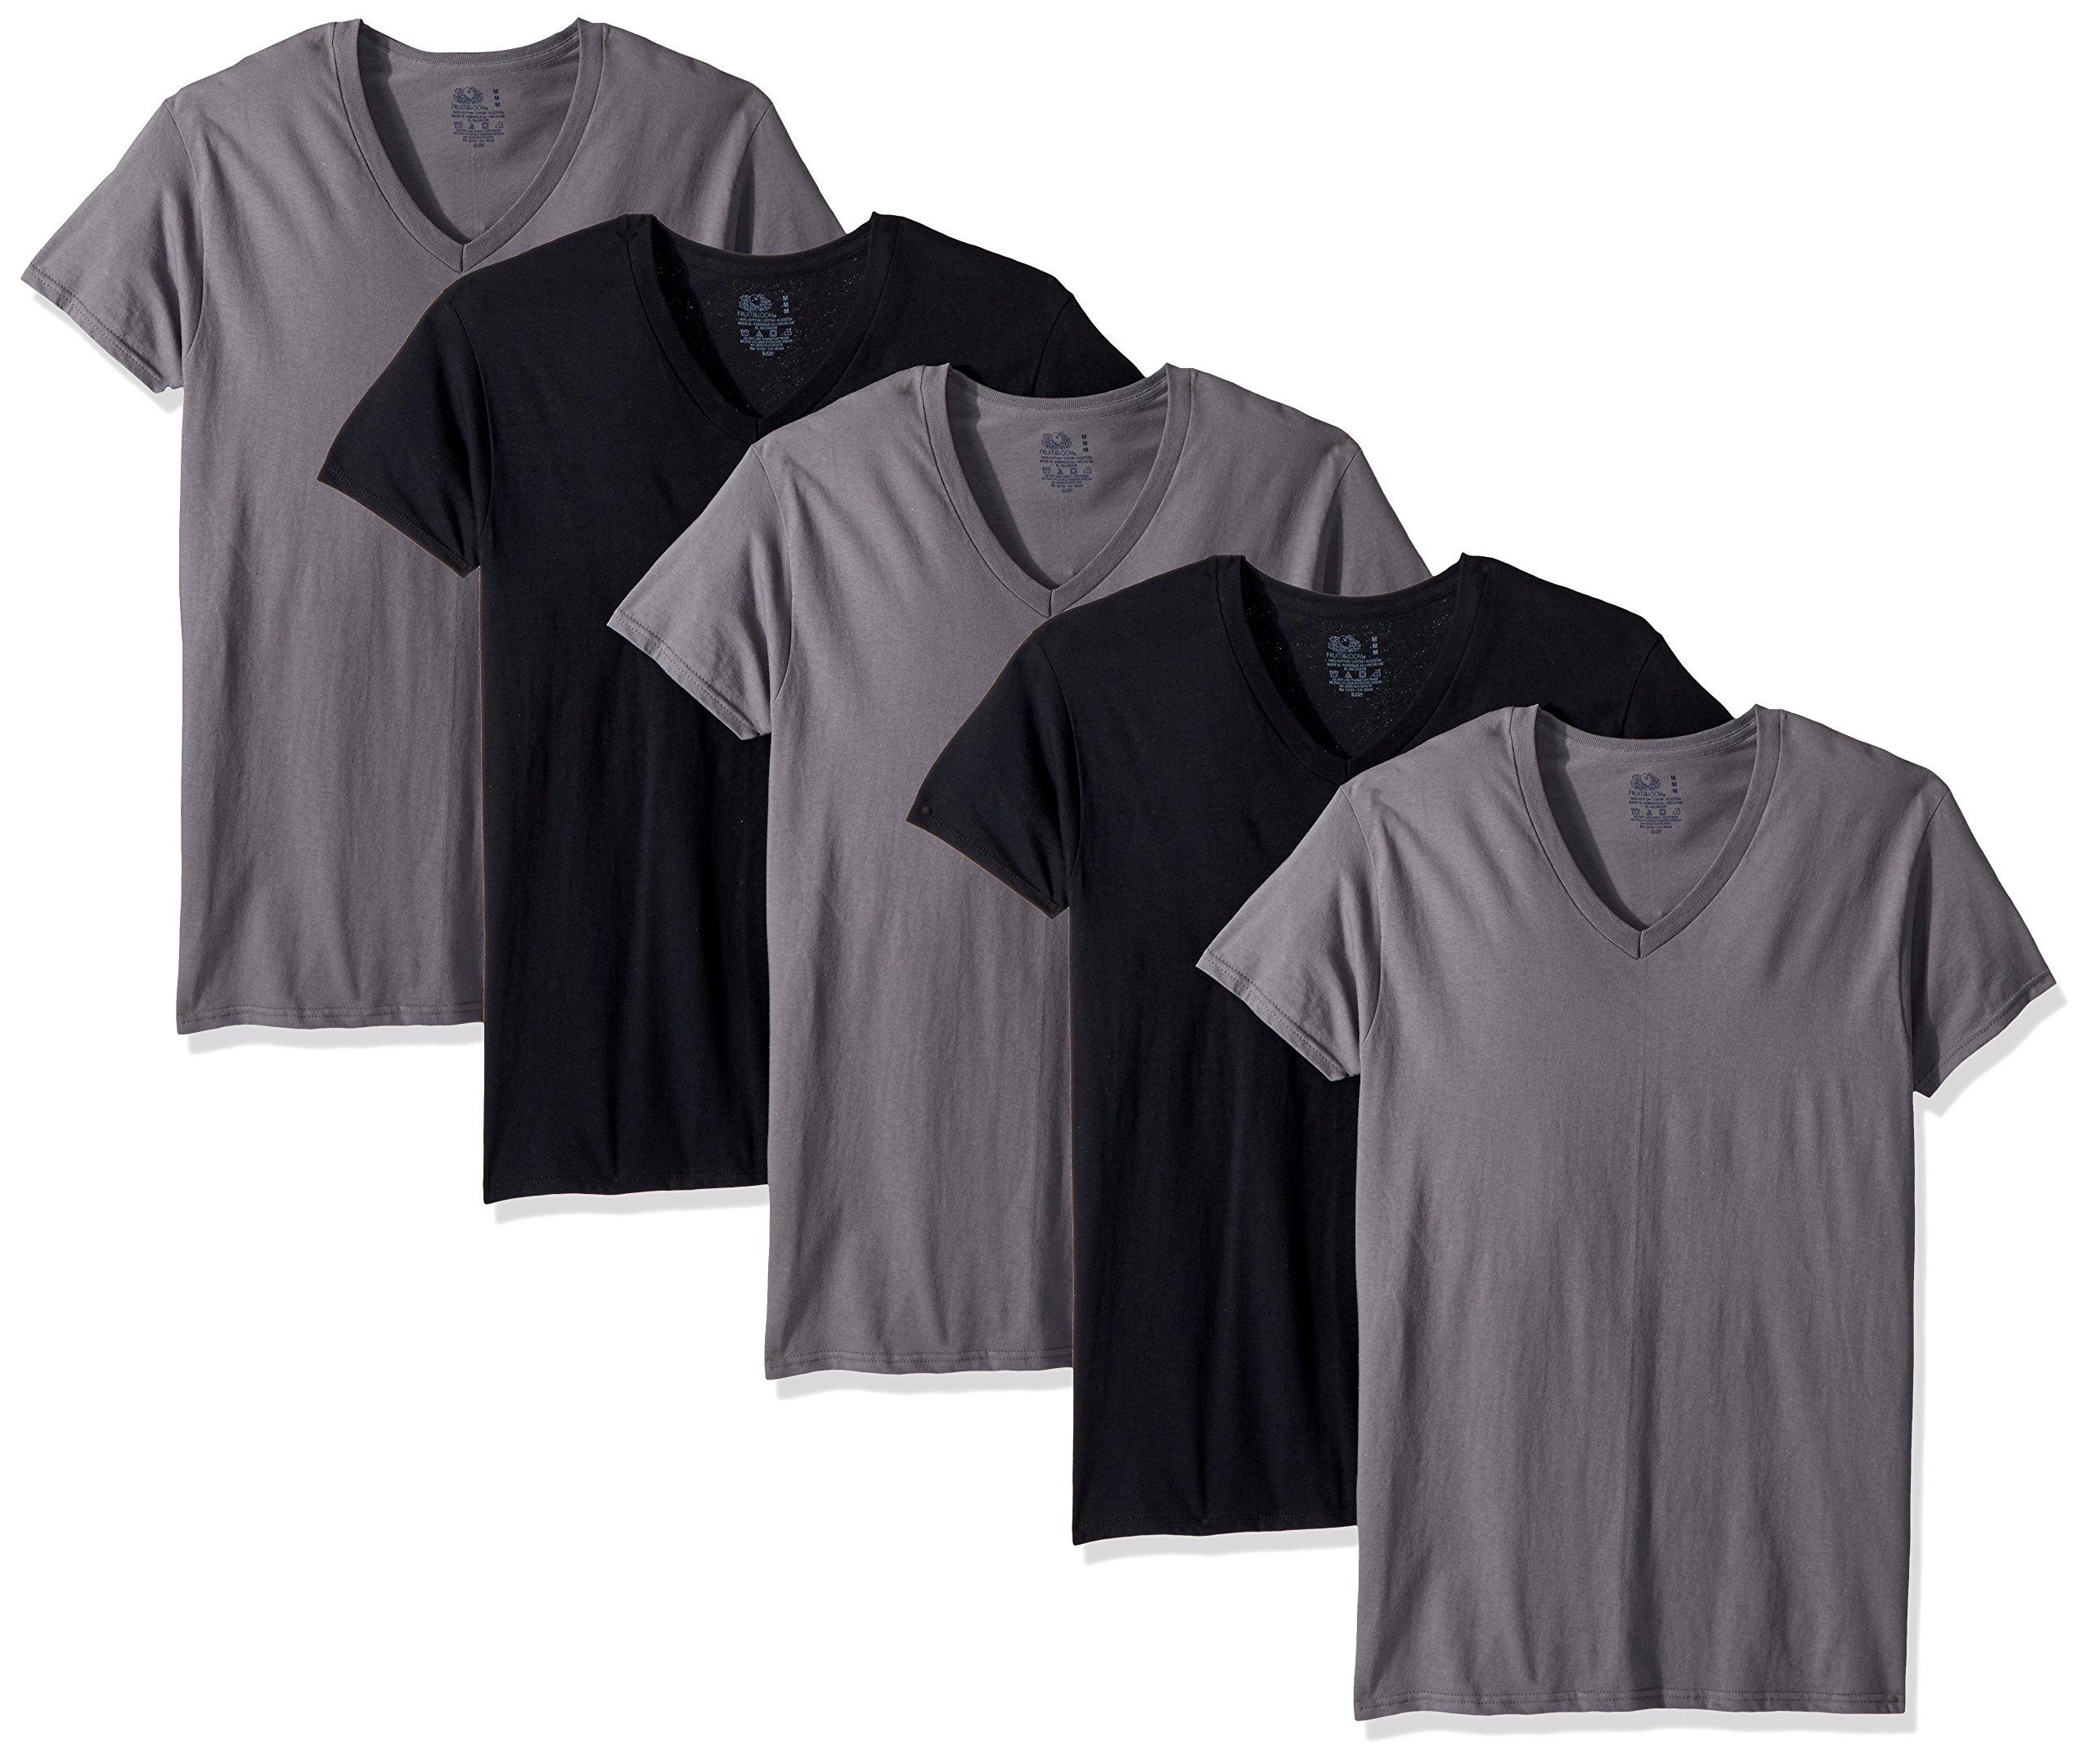 Fruit of the Loom Men's V-Neck T-Shirt Multipack, Black/Grey (5 Pack), Large by Fruit of the Loom (Image #1)